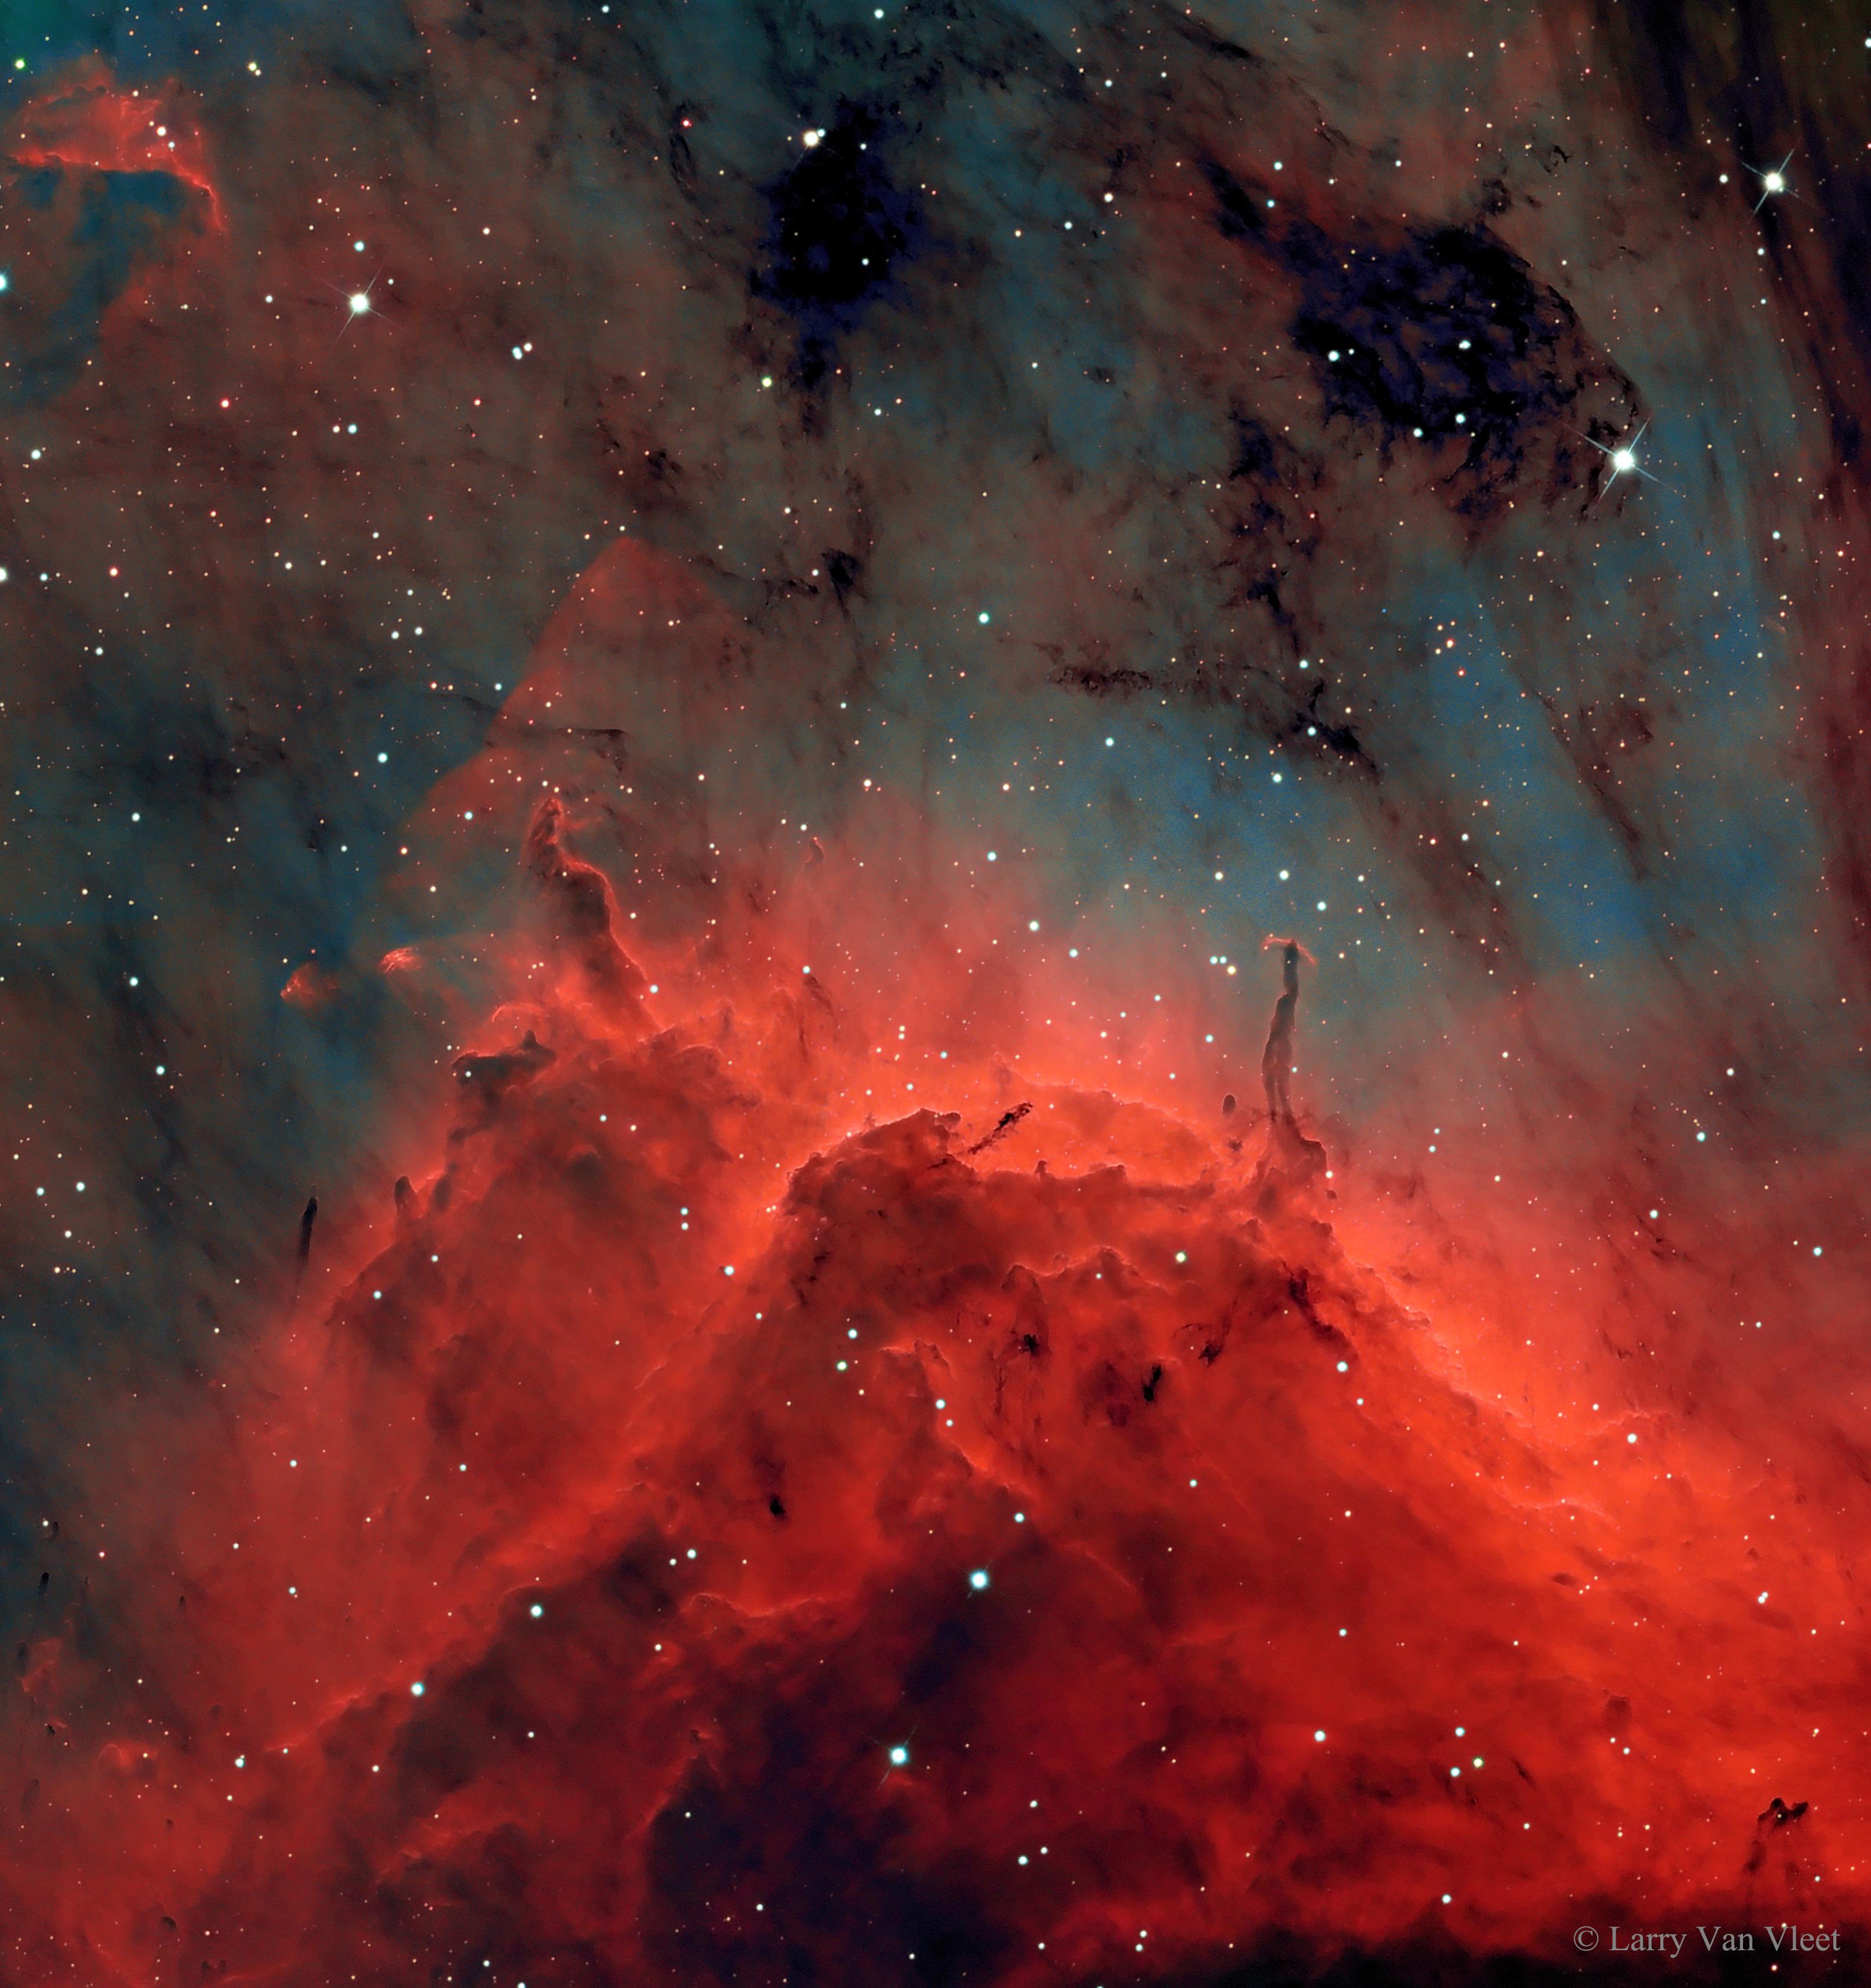 2015 1920x1200 nebula - photo #41